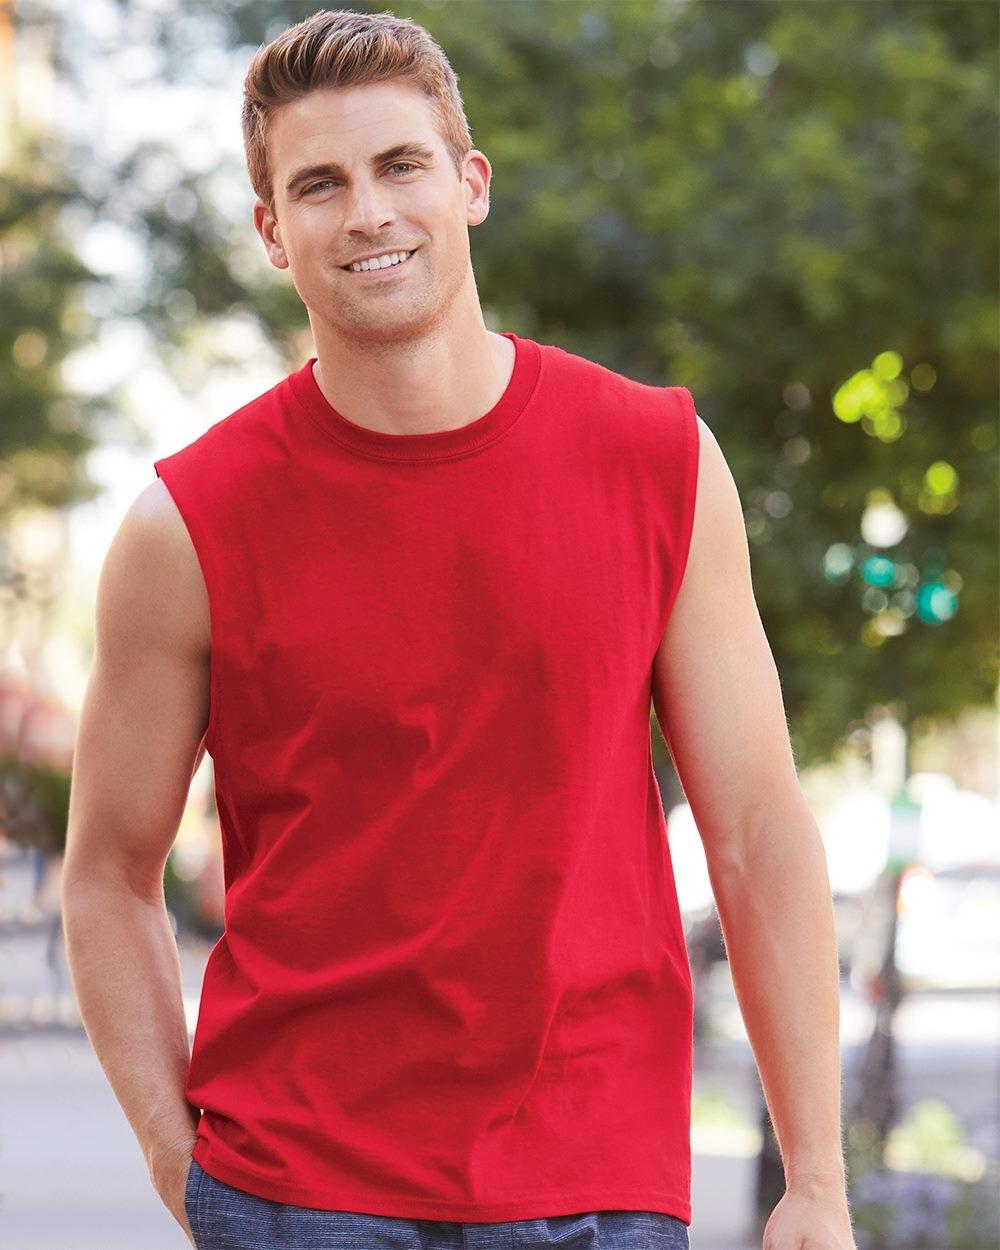 Gildan 2700 - Ultra Cotton Sleeveless T-Shirt